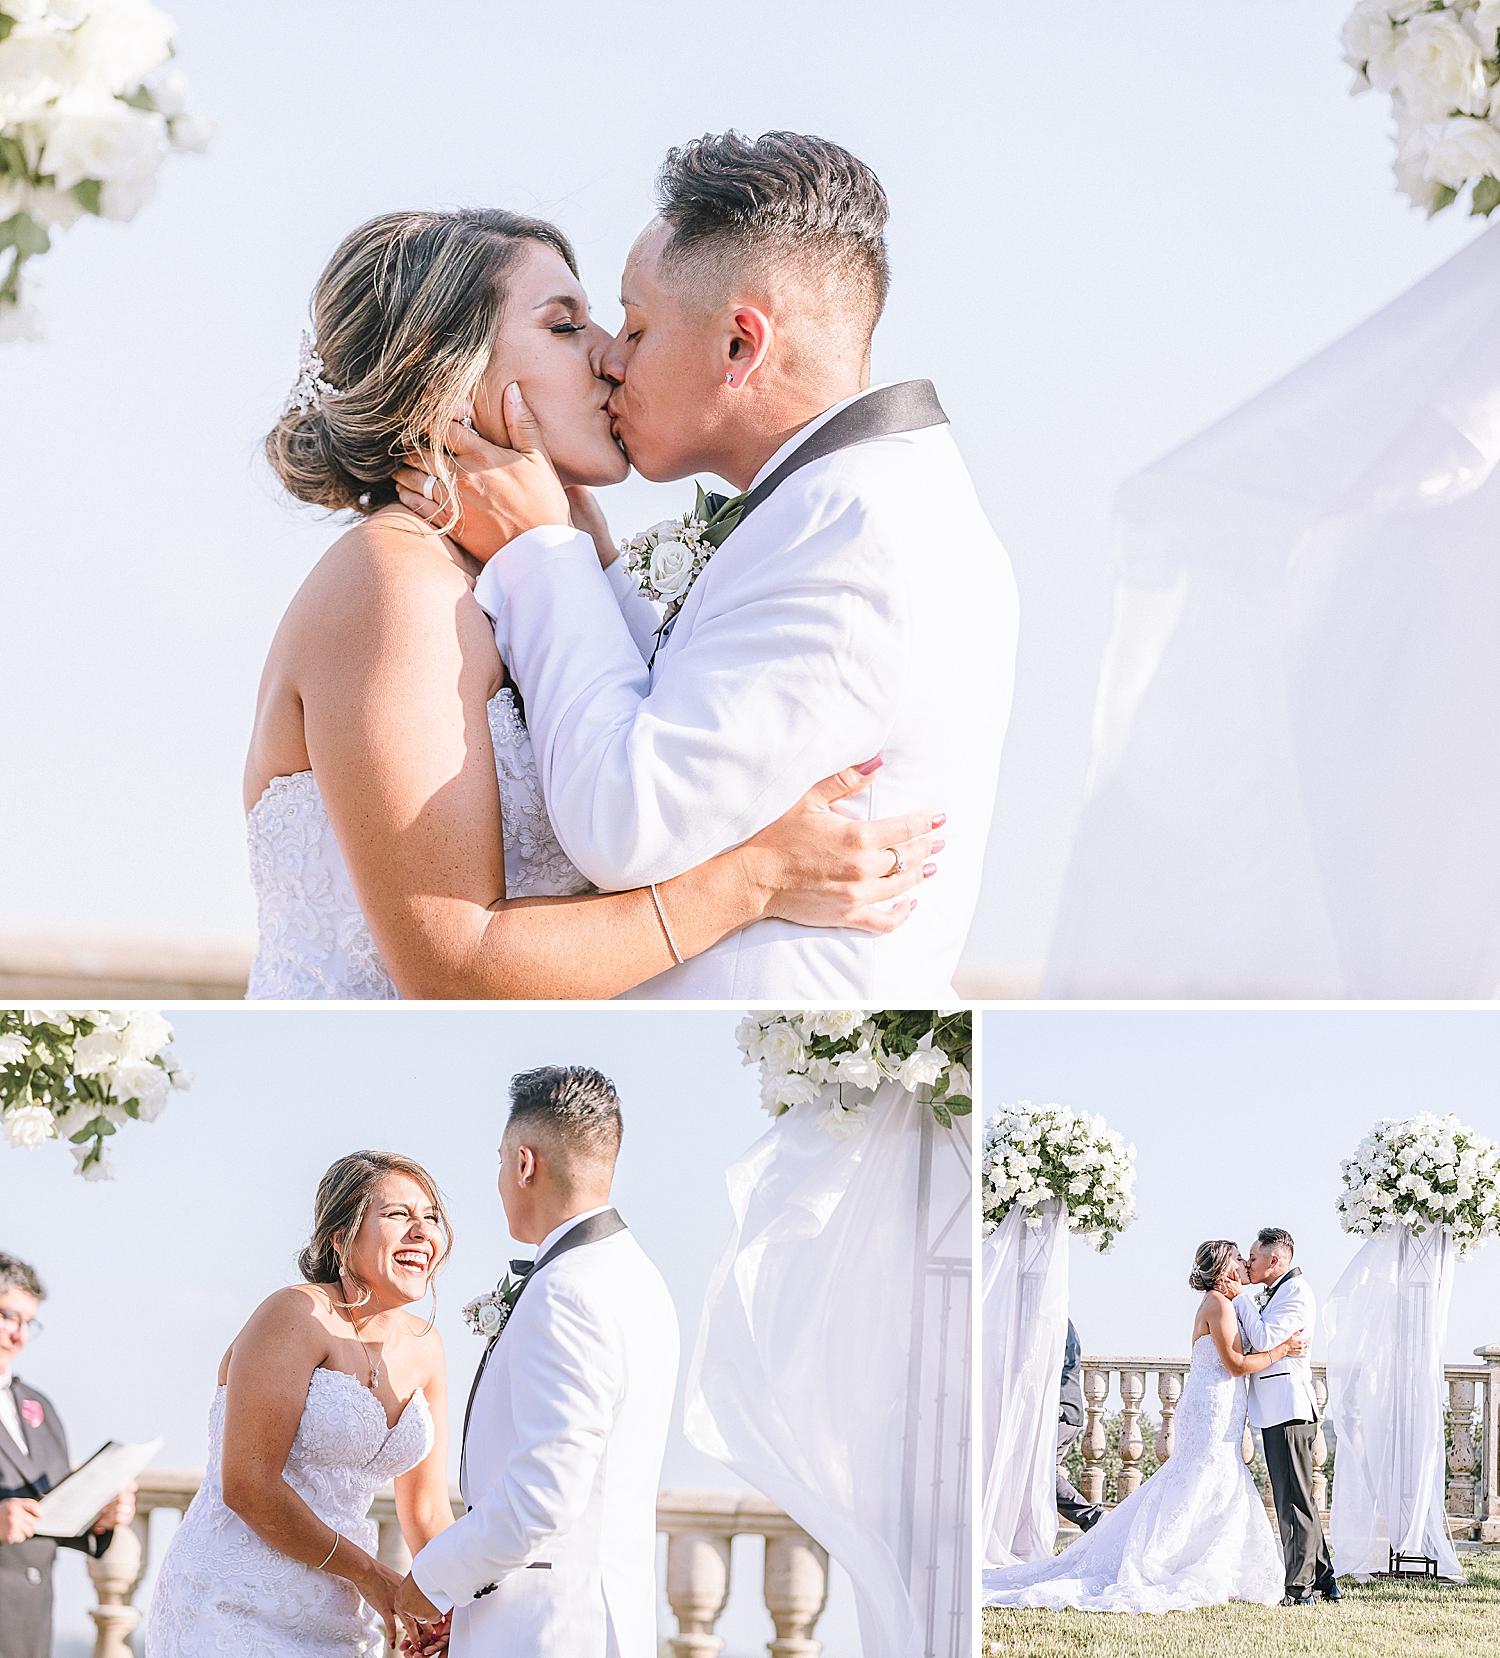 Carly-Barton-Photography-The-Villa-at-Cielo-Vista-Blush-Gold-White-Wedding-Photos_0073.jpg